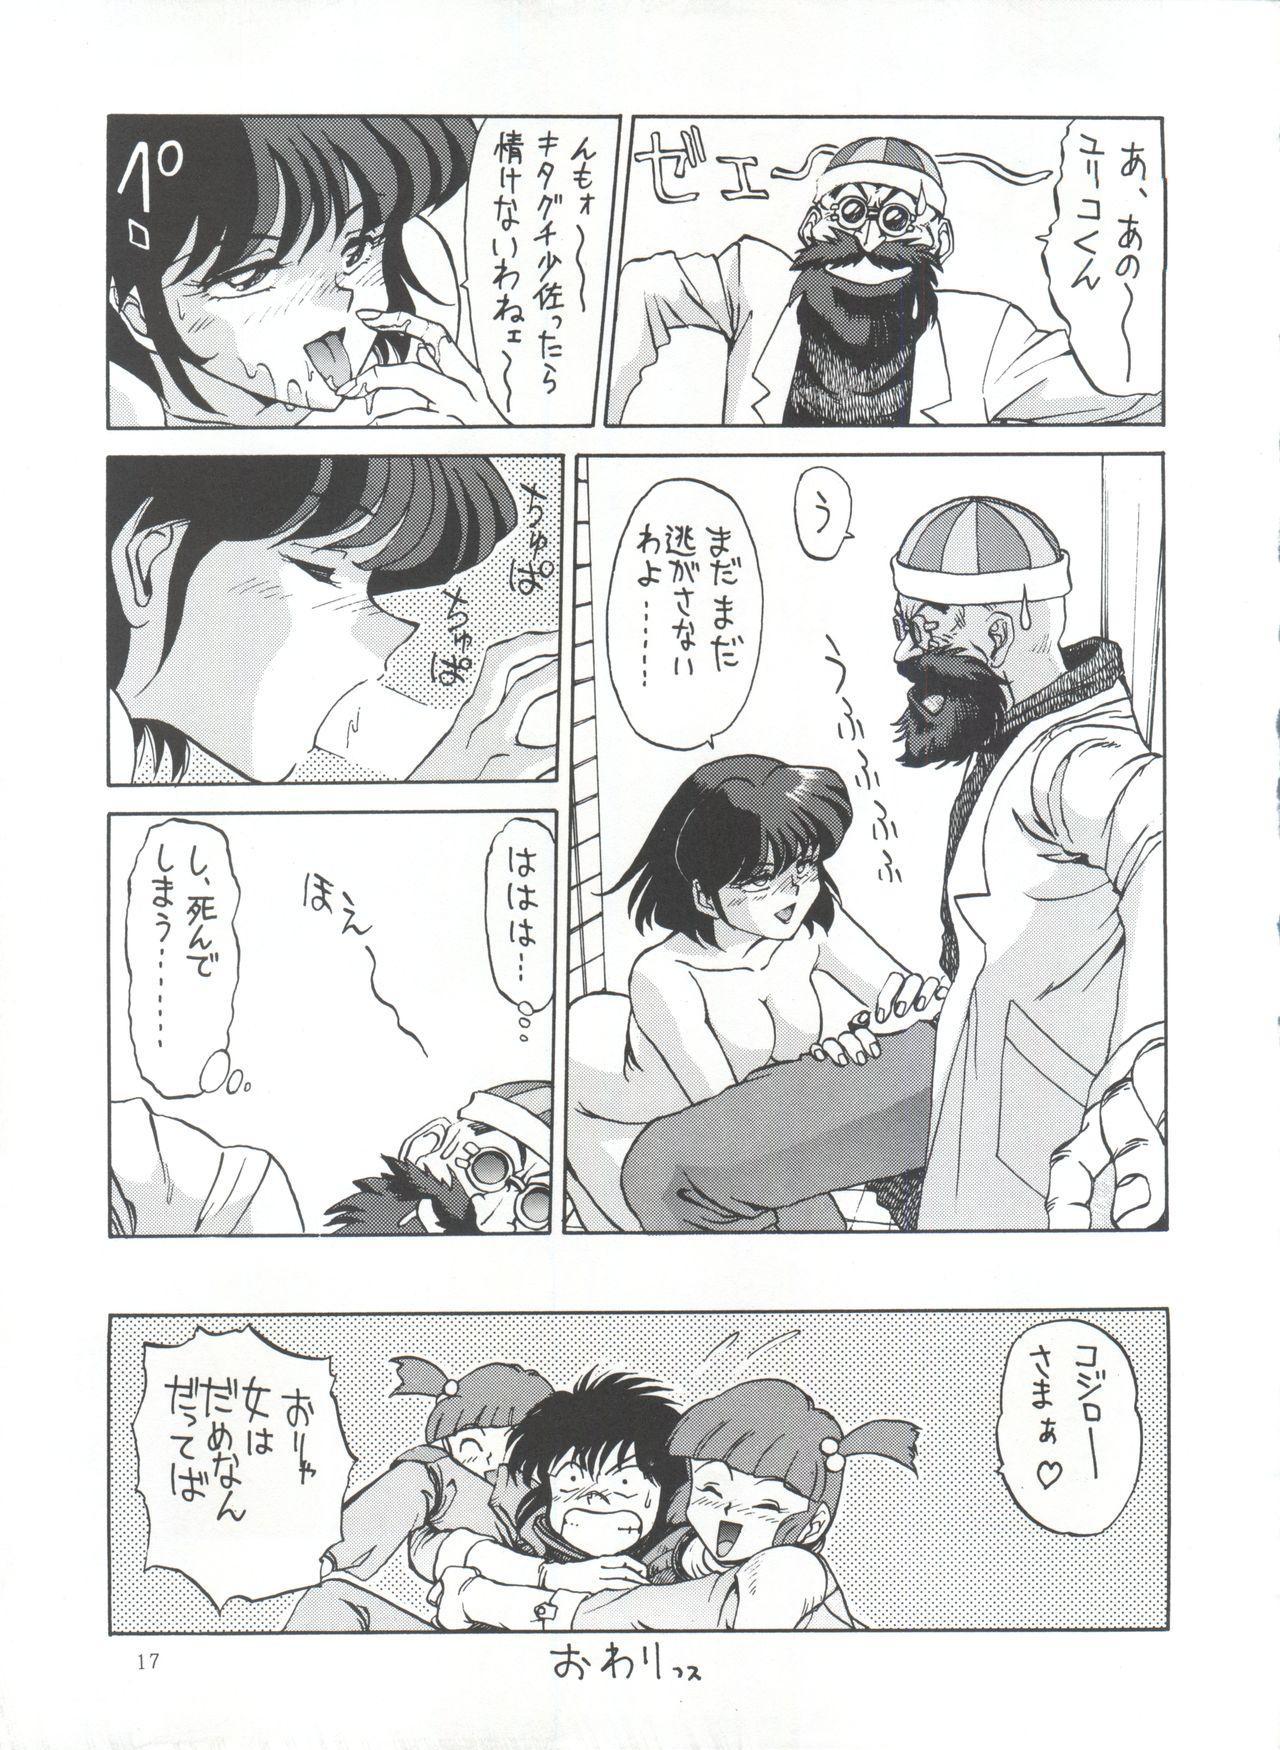 POTATO MASHER Vol. 2 15